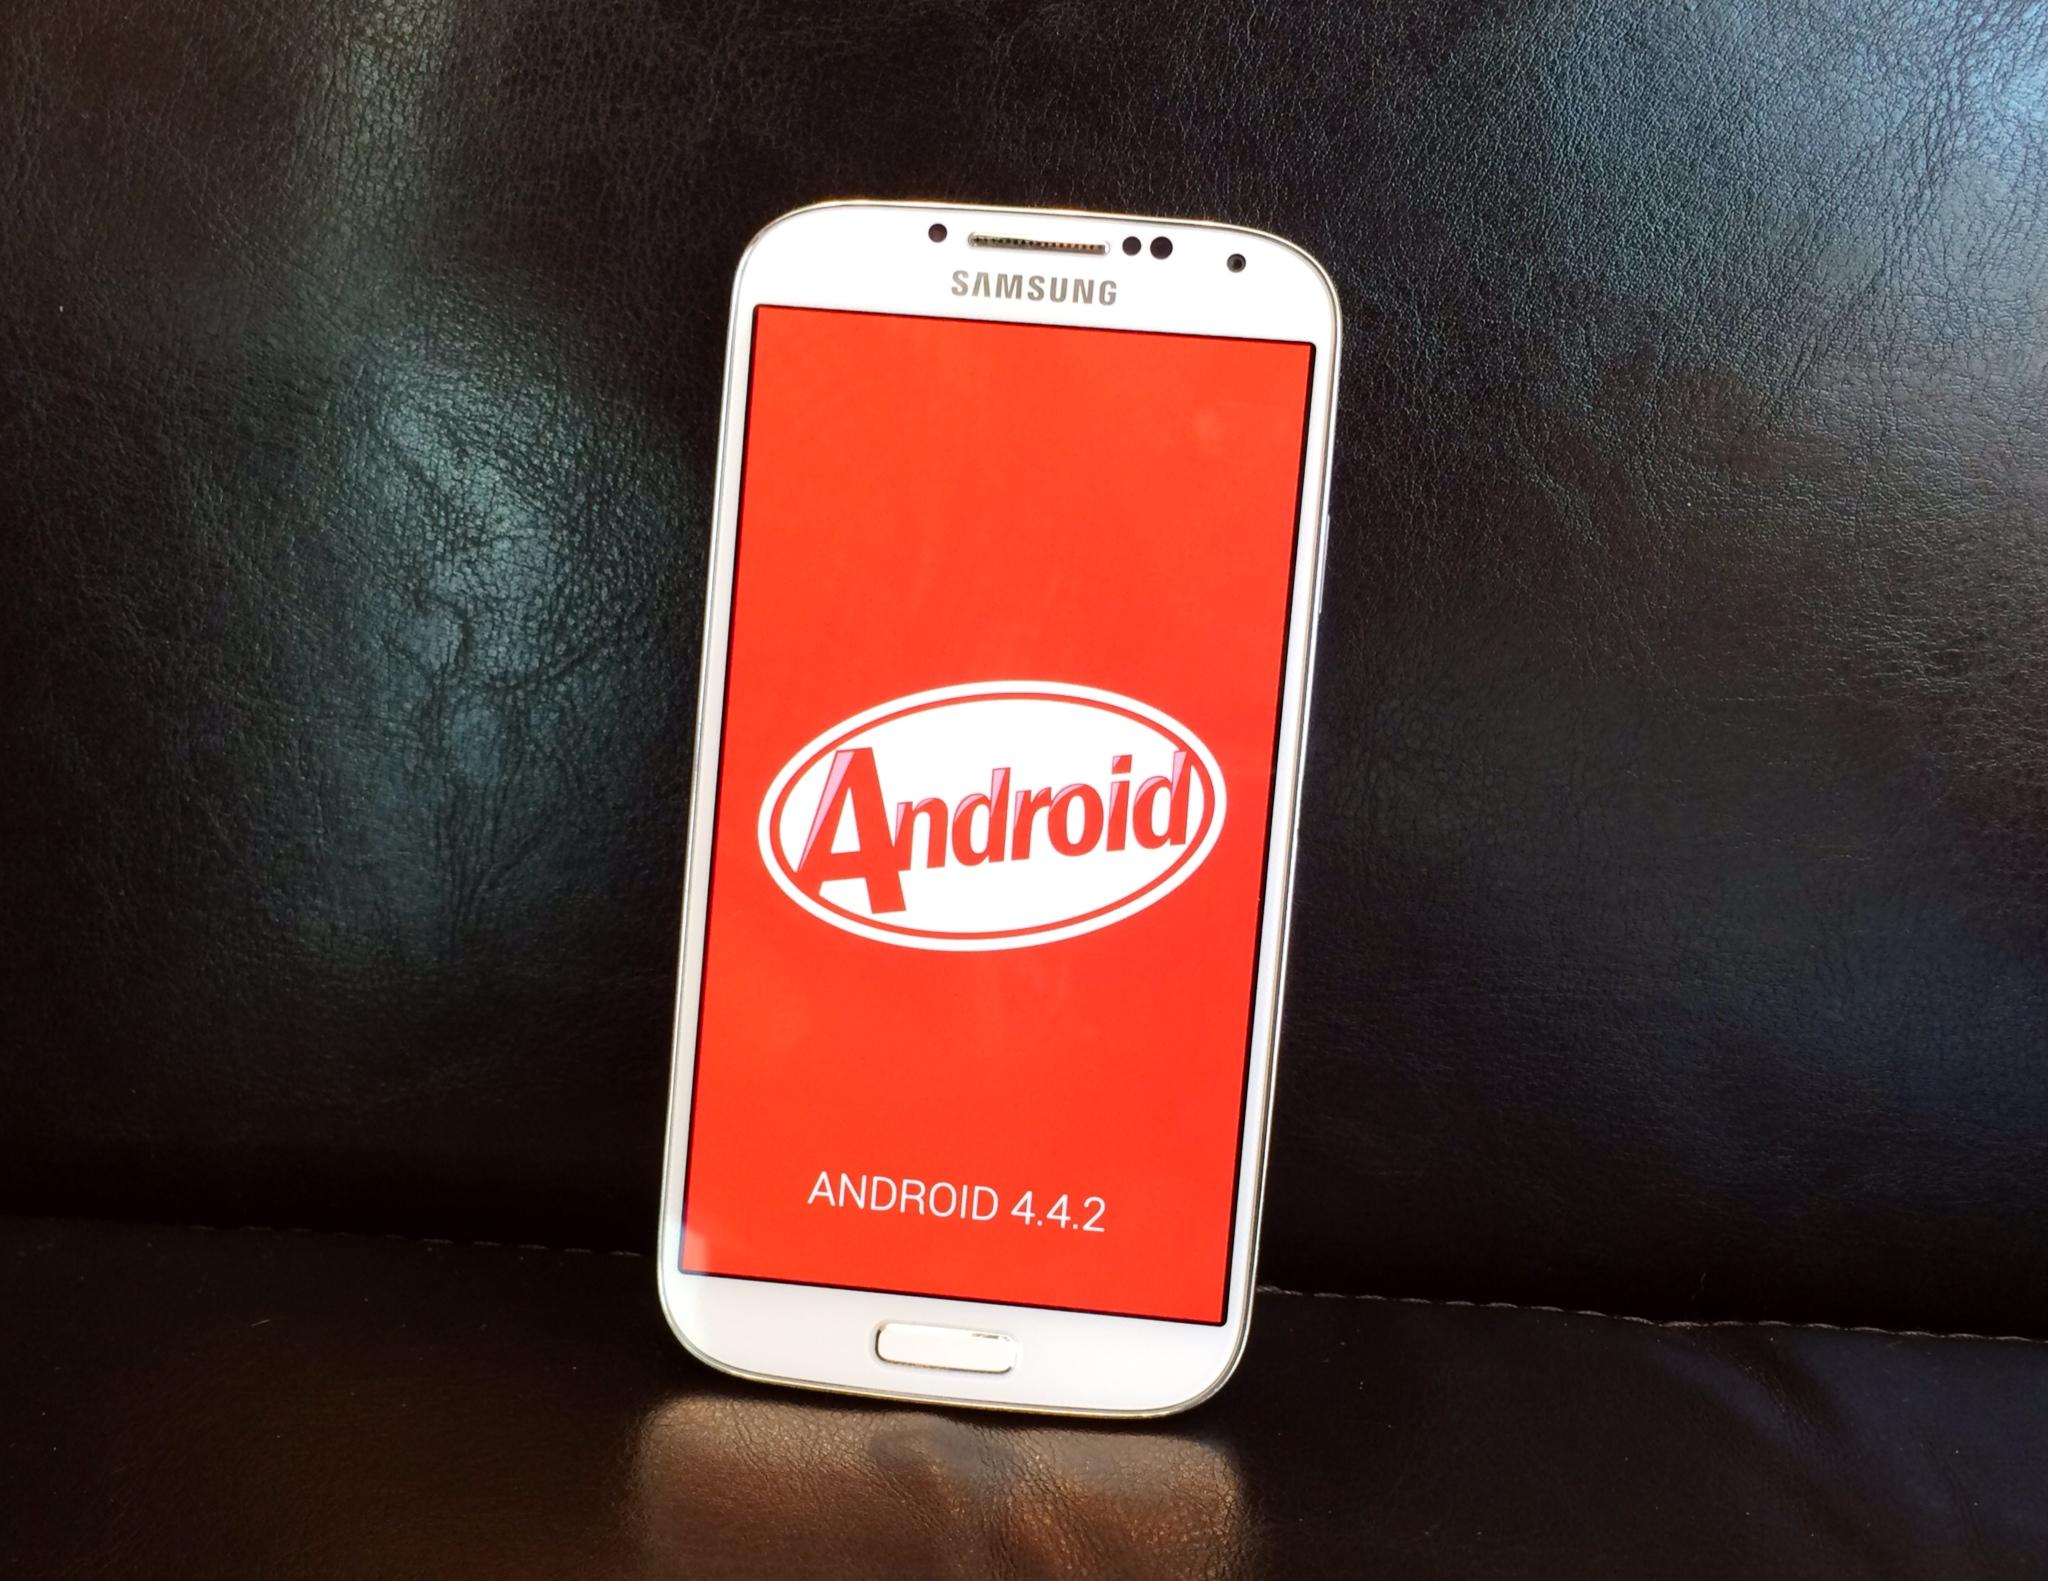 Samsung Galaxy S4 Android 4.4.2 -uppdateringen är nu tillgänglig.